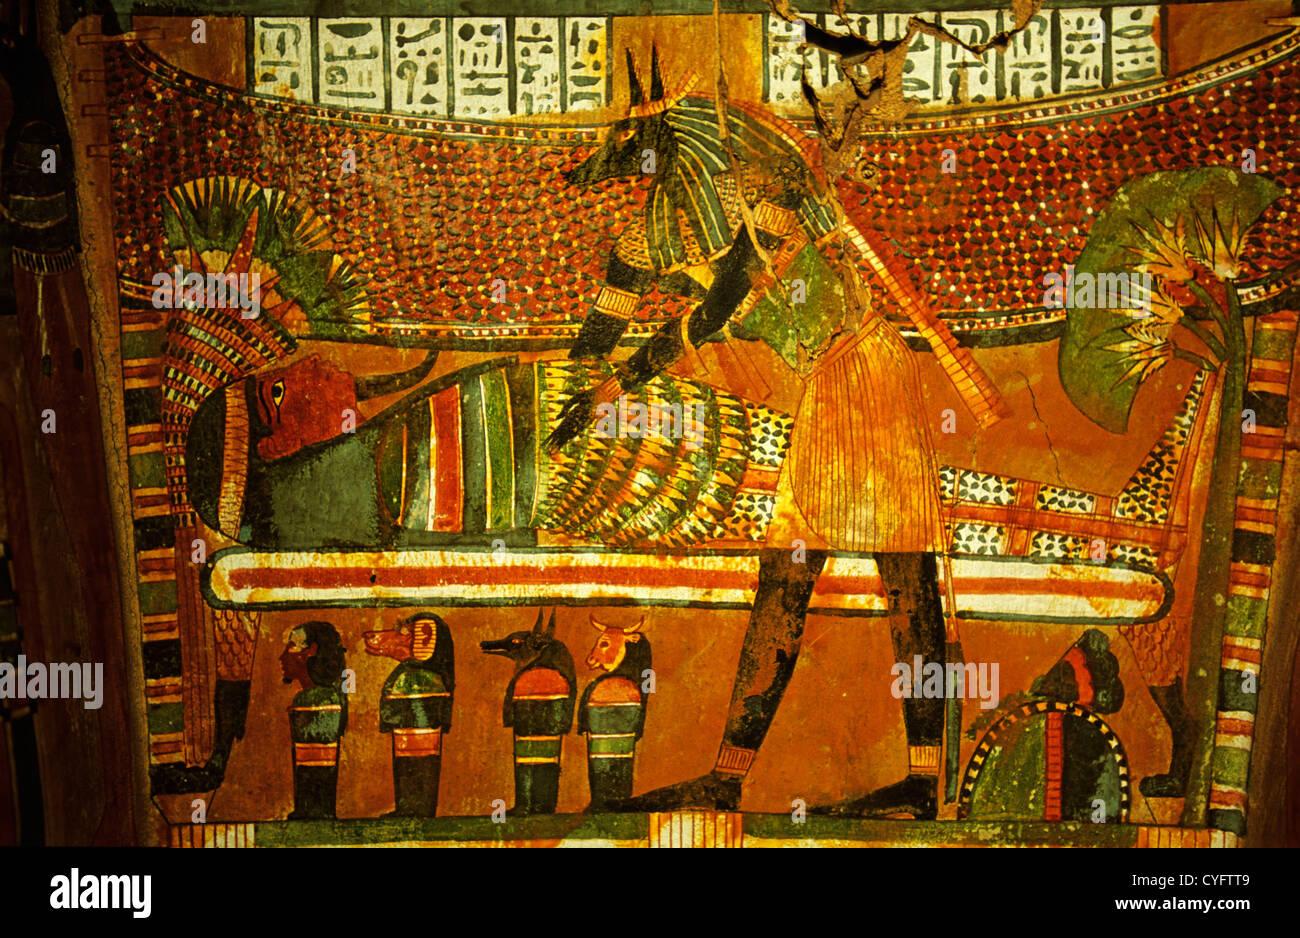 Ägypten, Kairo, Ägyptisches Museum. Innenraum des Sarges. Dekorationen und Hieroglyphen. Stockbild